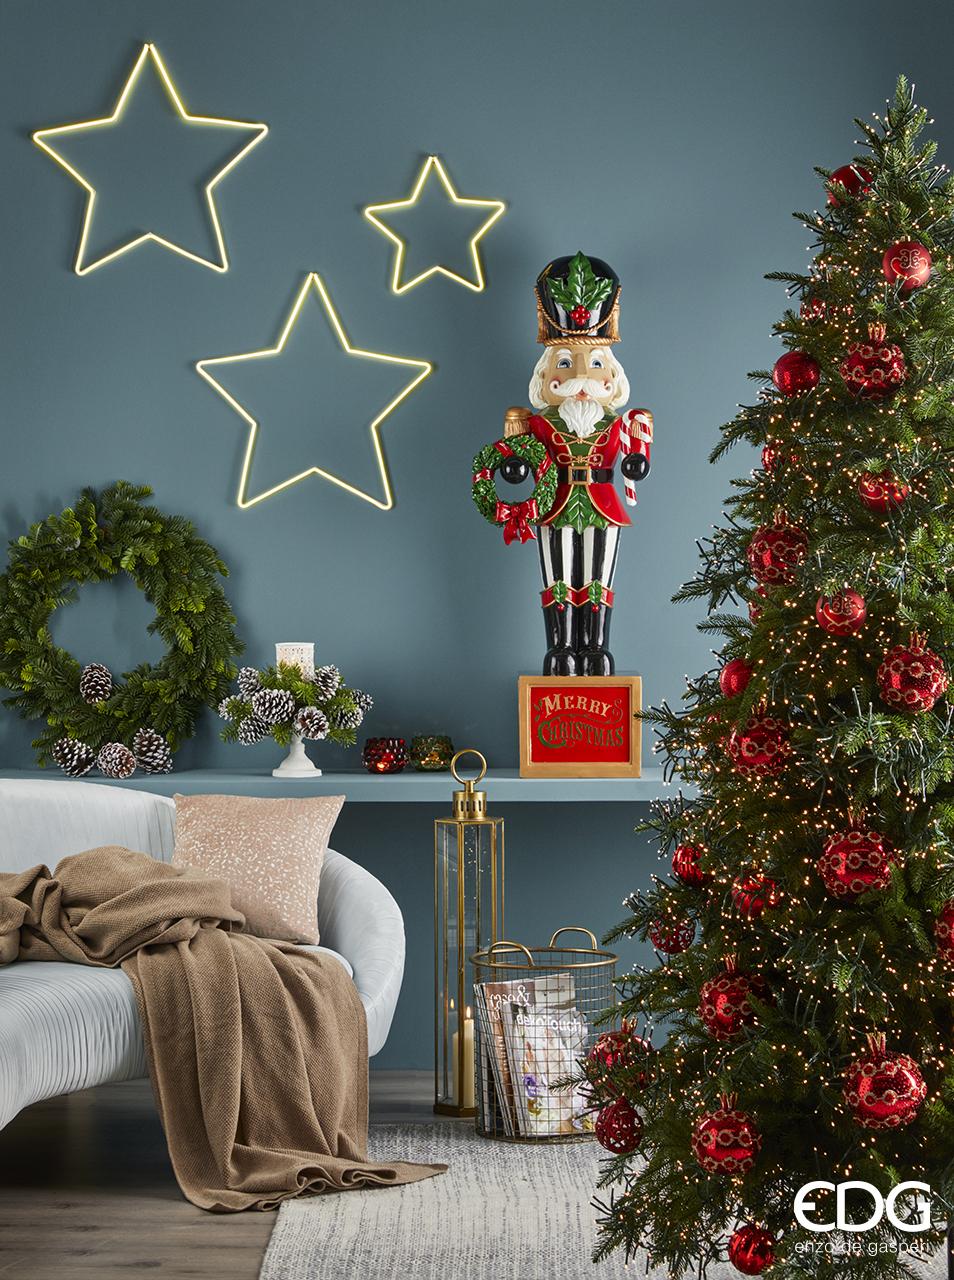 Decorazioni Natalizie Edg Natale 2020.Come Realizzare L Albero Di Natale Perfetto 10 Idee Edg